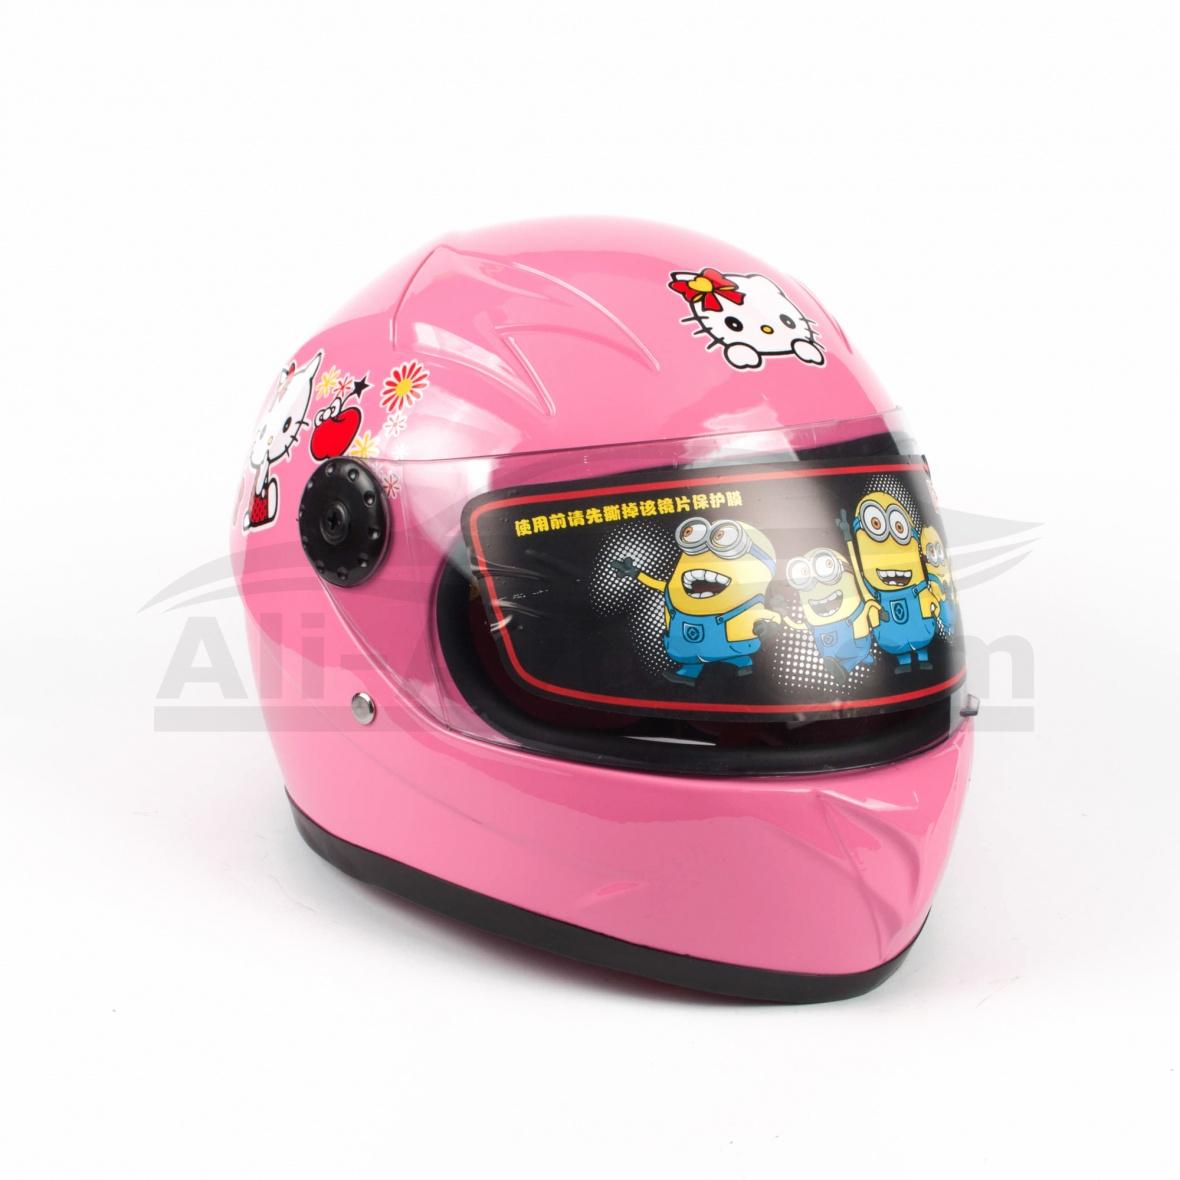 Детска Каска за Мотор, Скутер, Мотопед, АТВ – розово